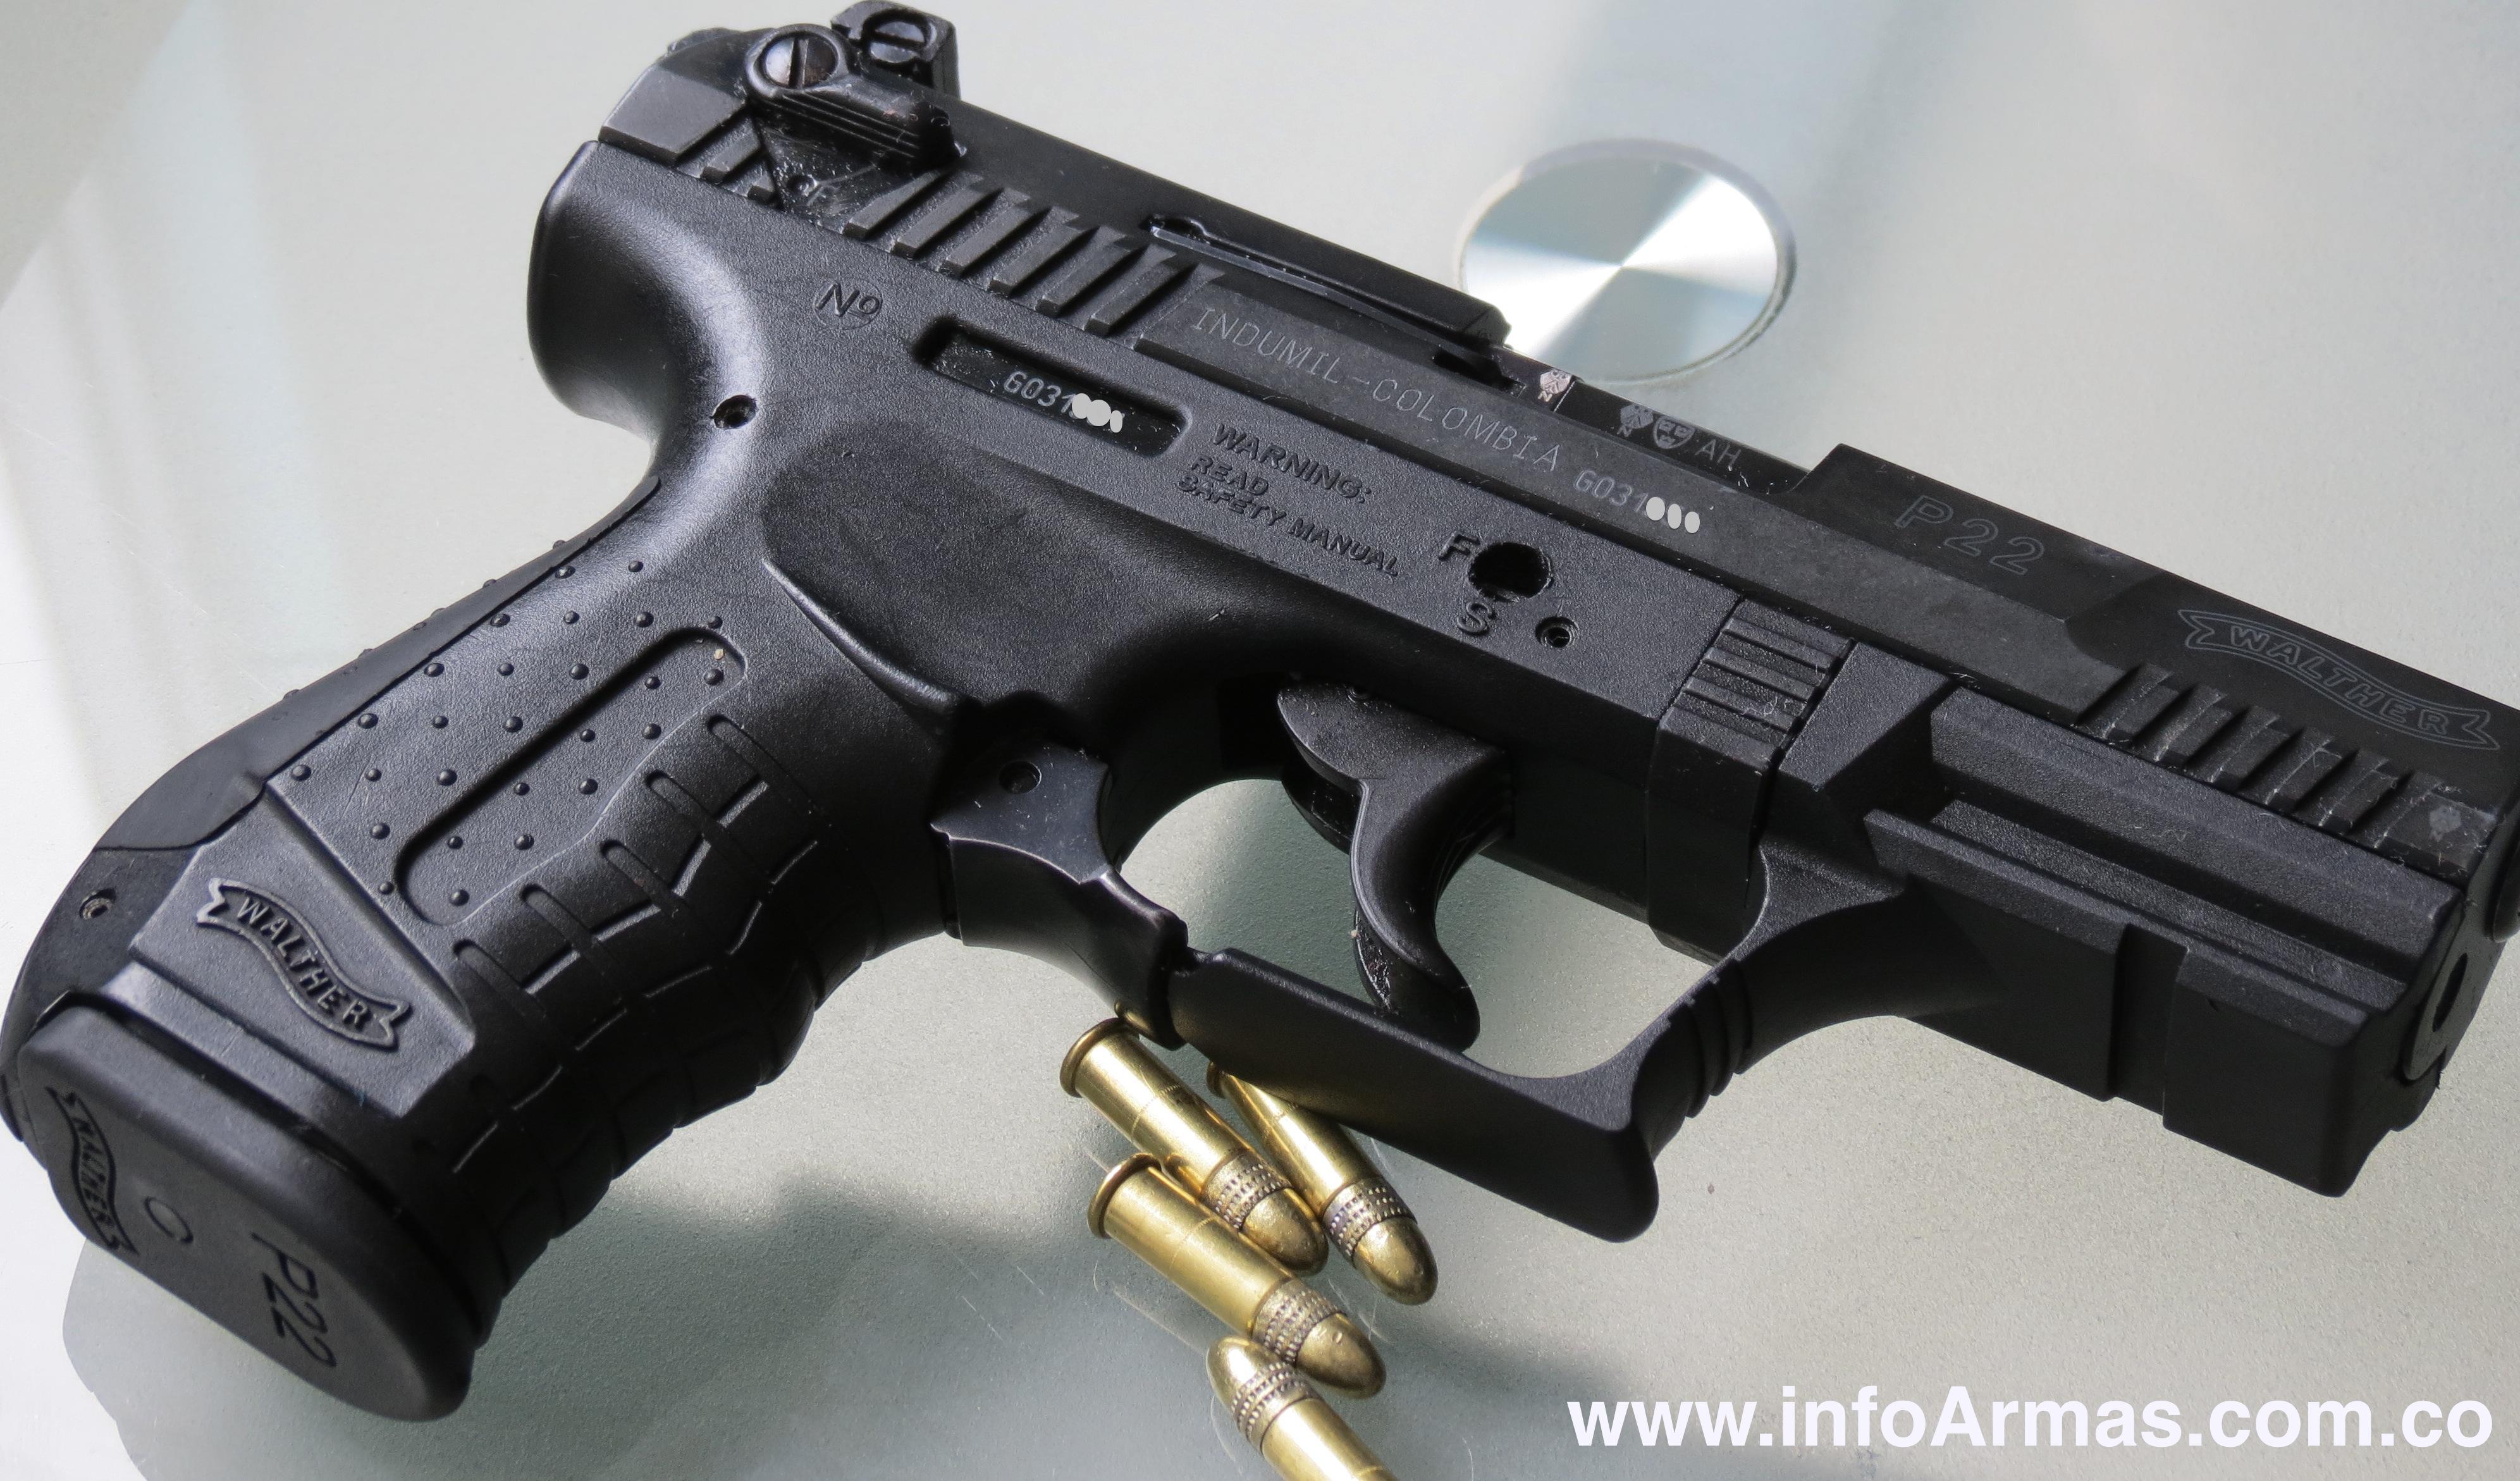 Pistola walther p22 calibre 22l capacidad de carga 10 for Pistola para lacar muebles precio